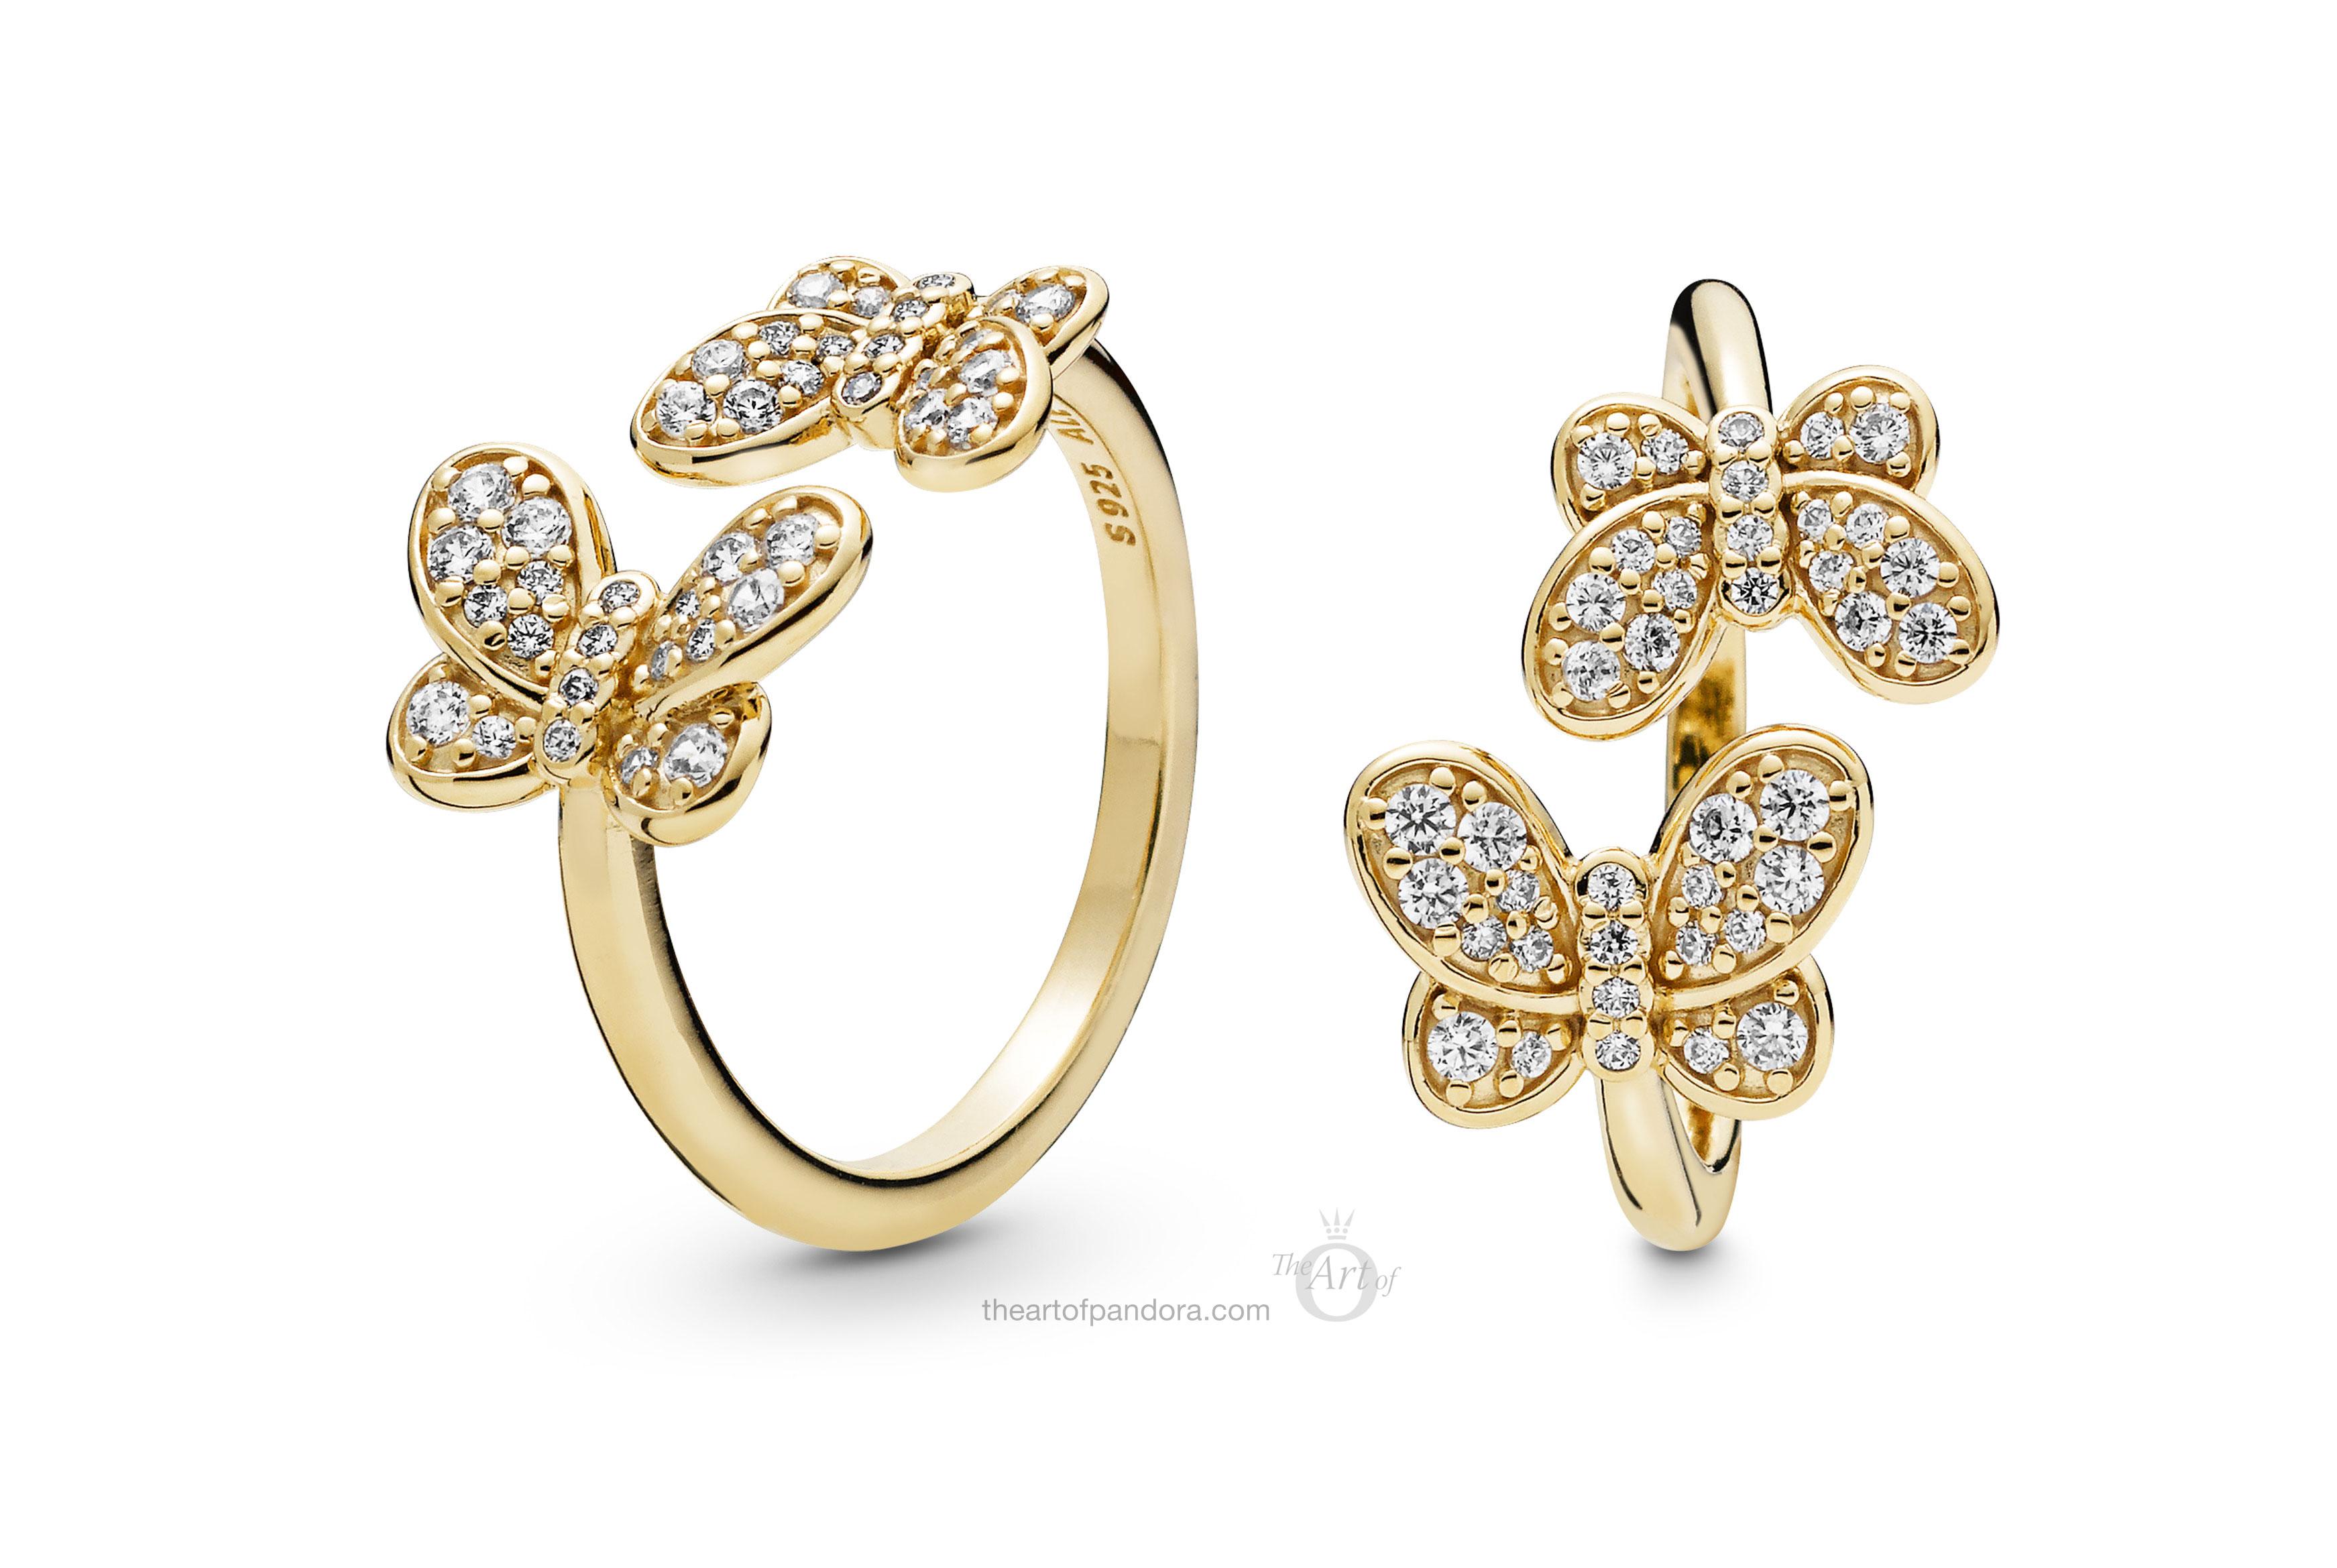 167913CZ-PANDORA-Shine-Dazzling-Butterflies-Ring - The Art of ...